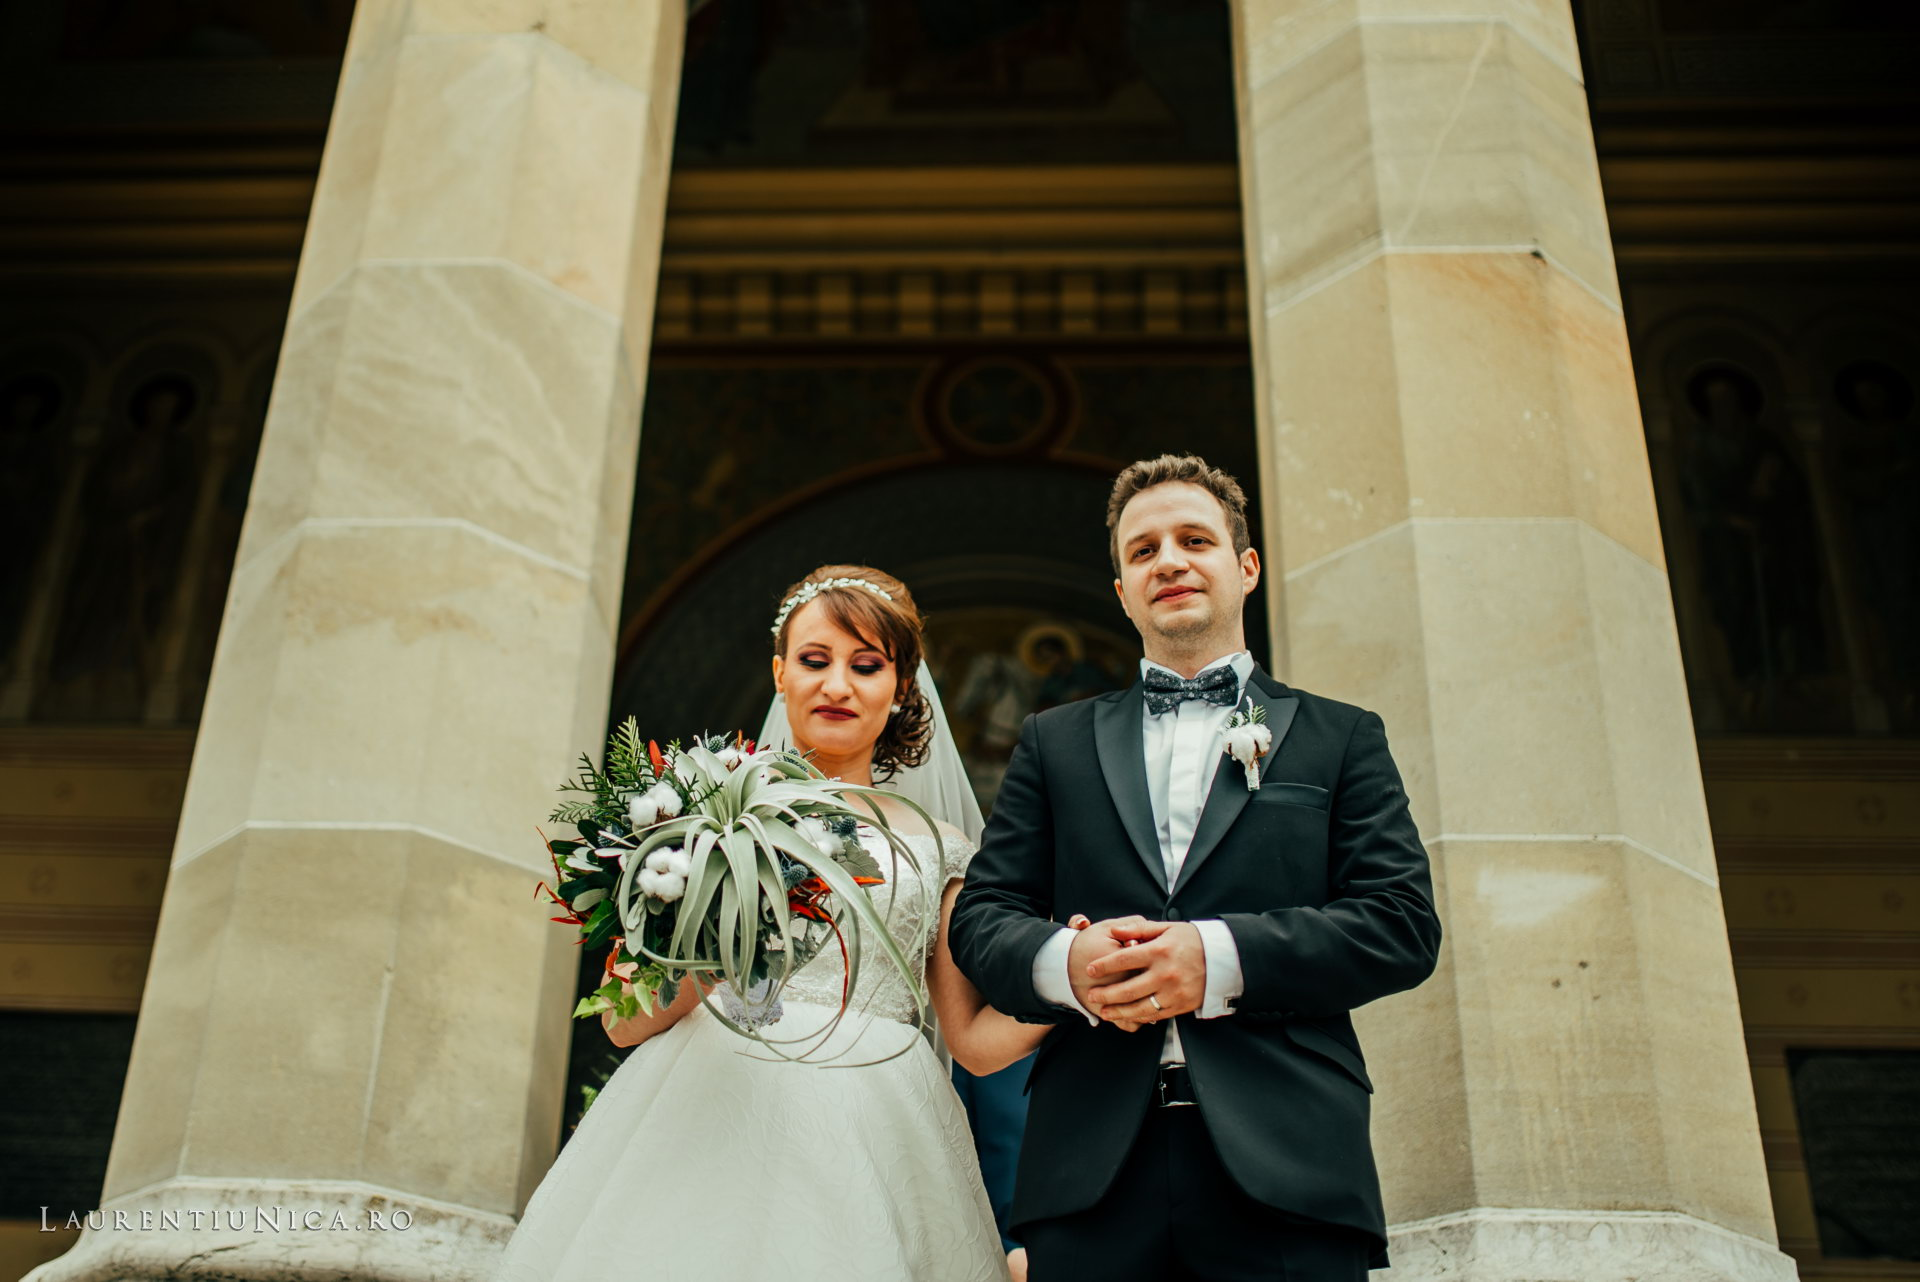 daniela si marius fotografii nunta craiova laurentiu nica29 - Daniela & Marius | Fotografii nunta